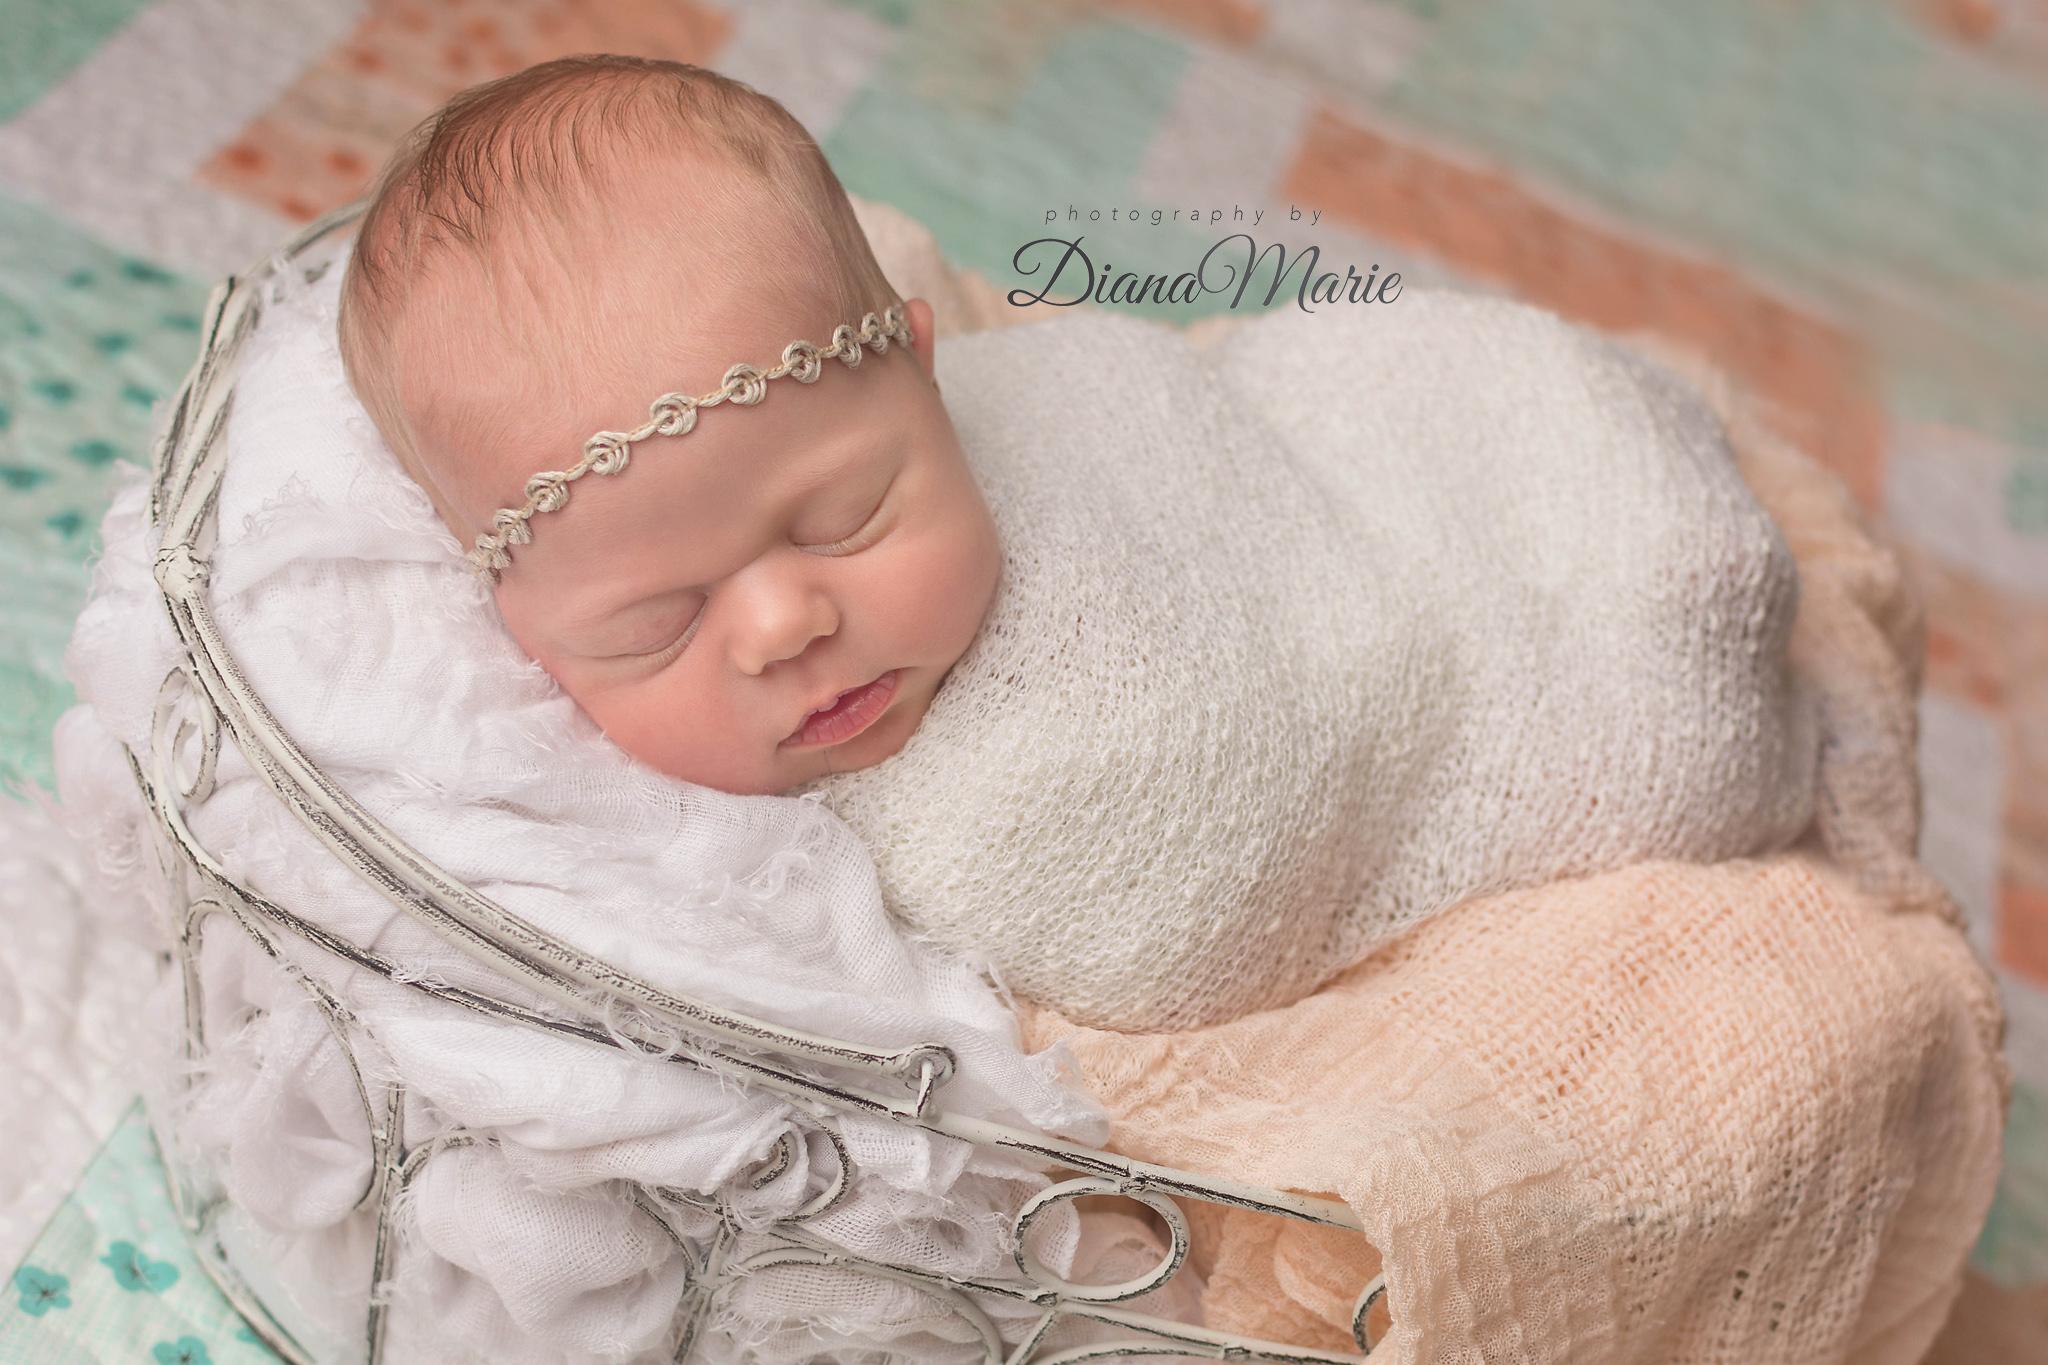 Titling/Alt Text/Description: 1. Jacksonville 2. newborn photography jacksonville 3. newborn in basket 4. newborn quilt 5. st augustine